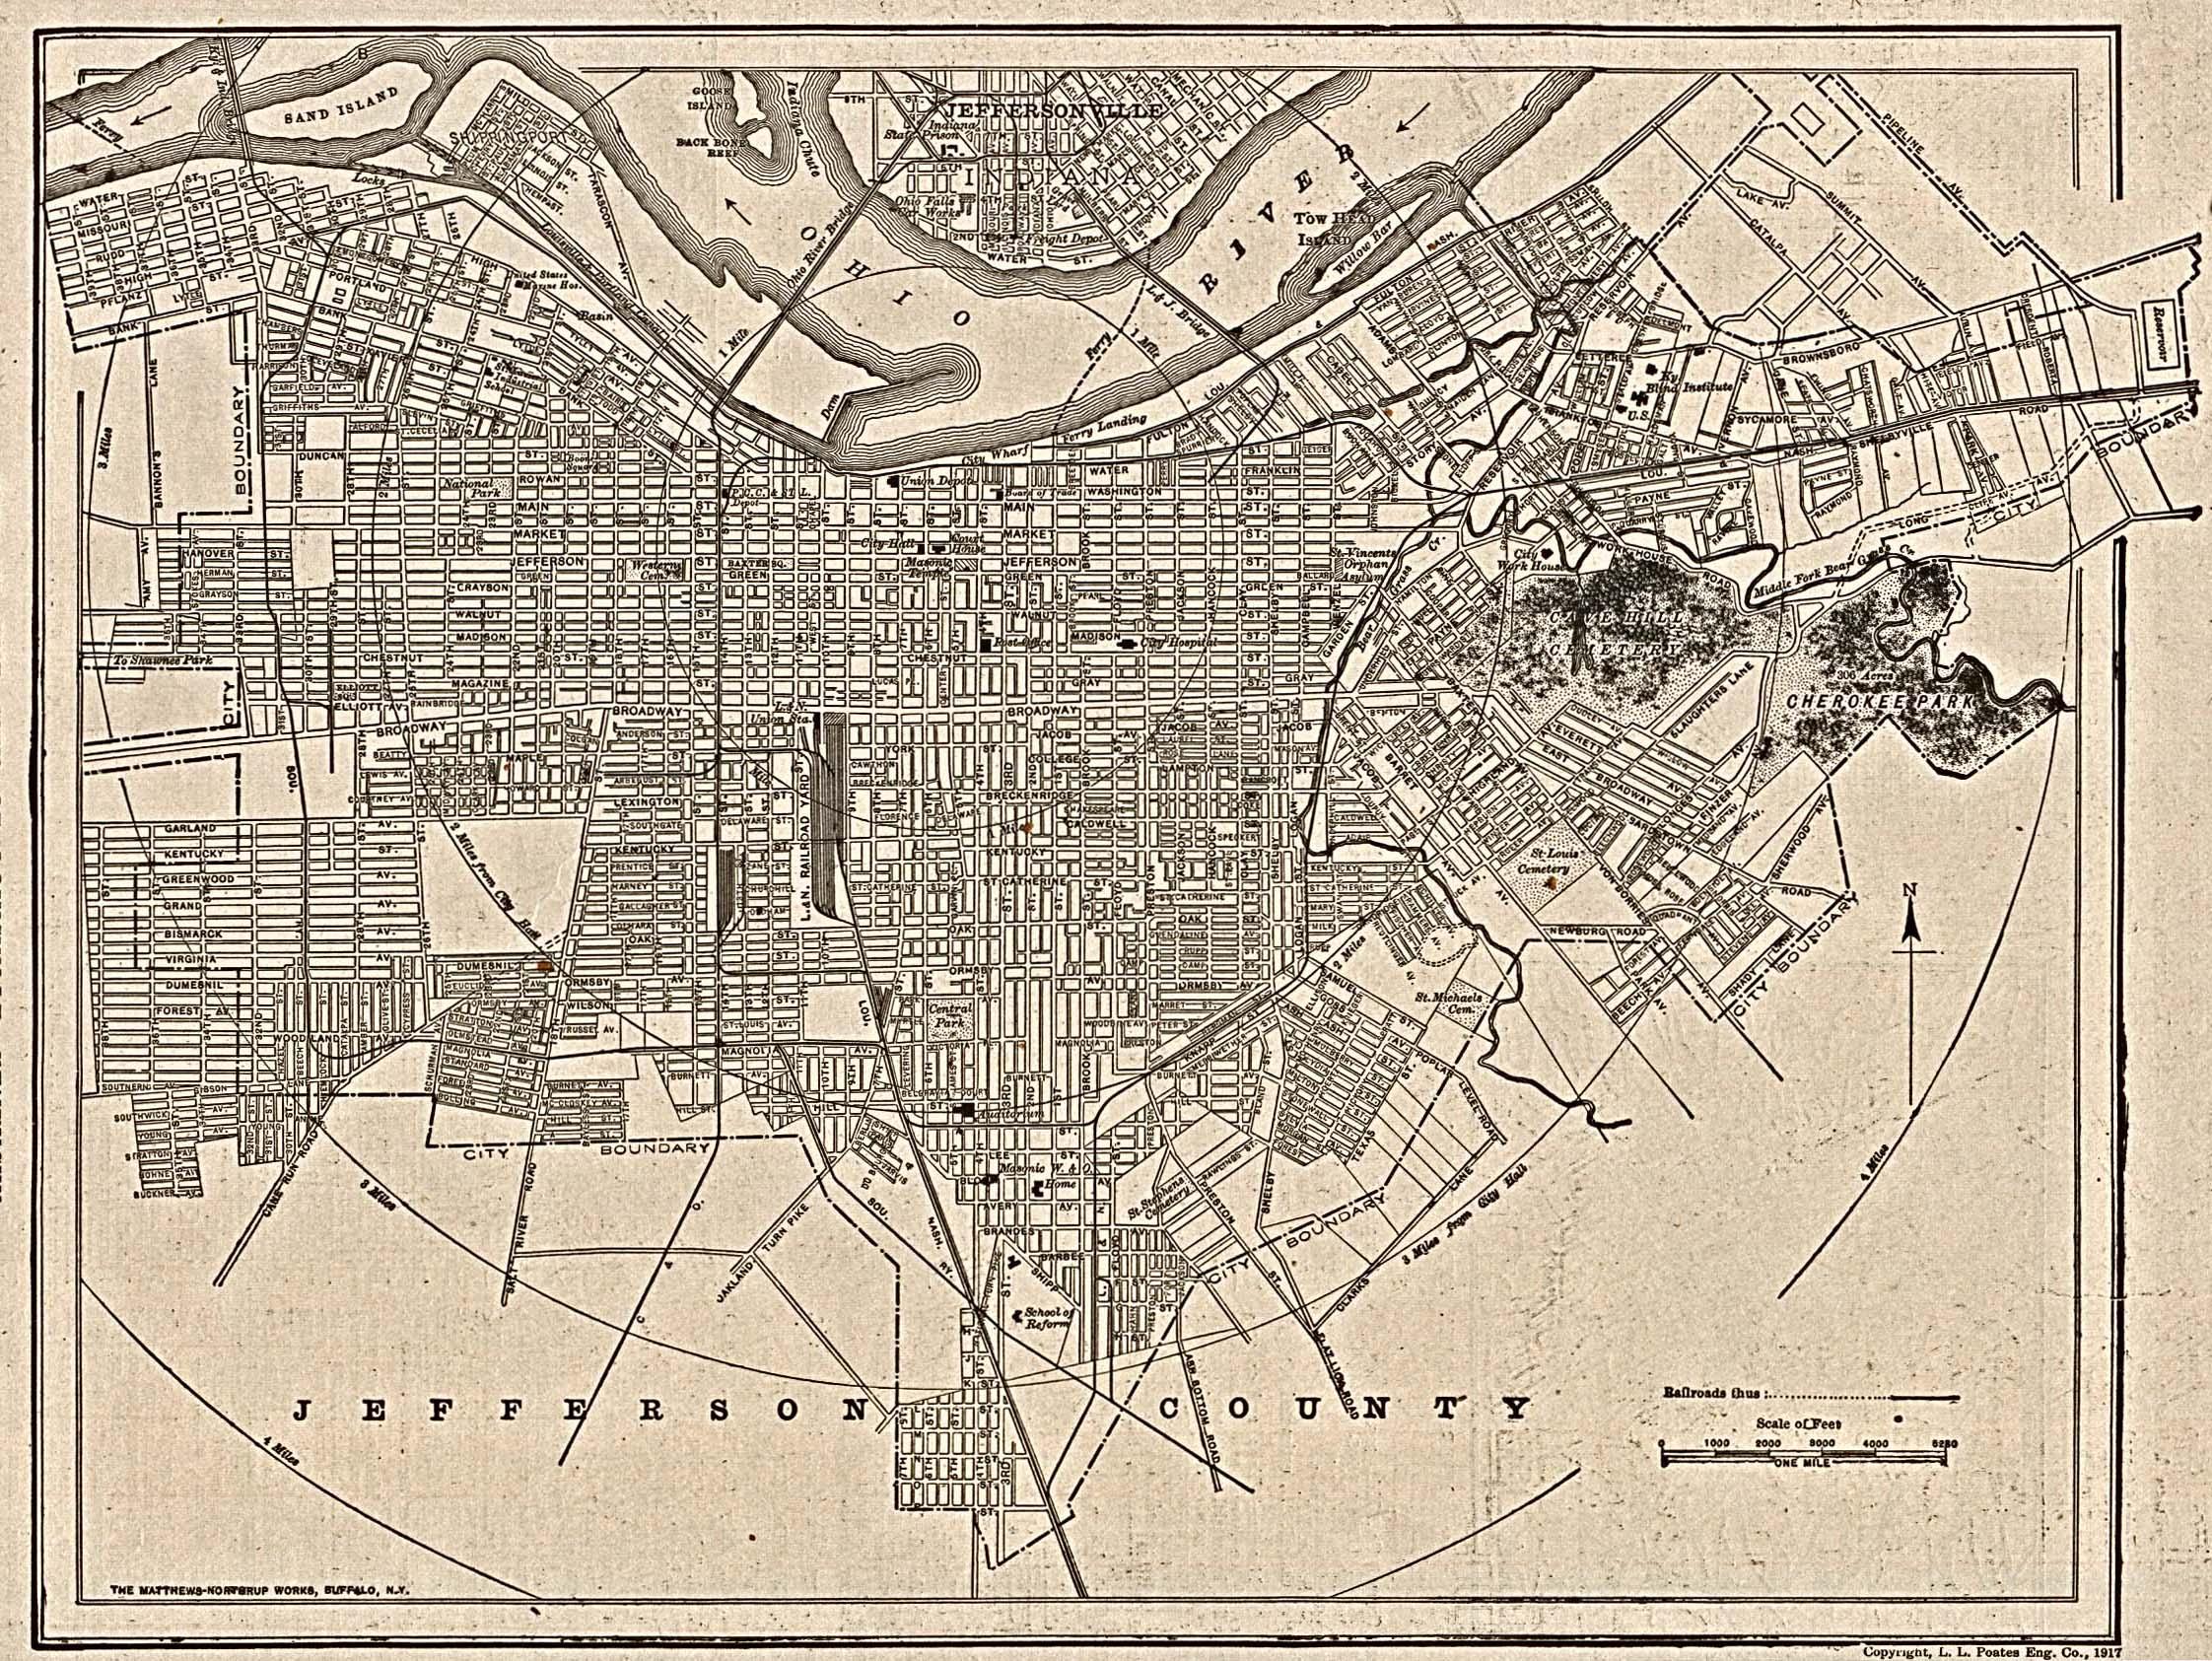 Mapa de la Ciudad de Louisville, Kentucky, Estados Unidos 1917